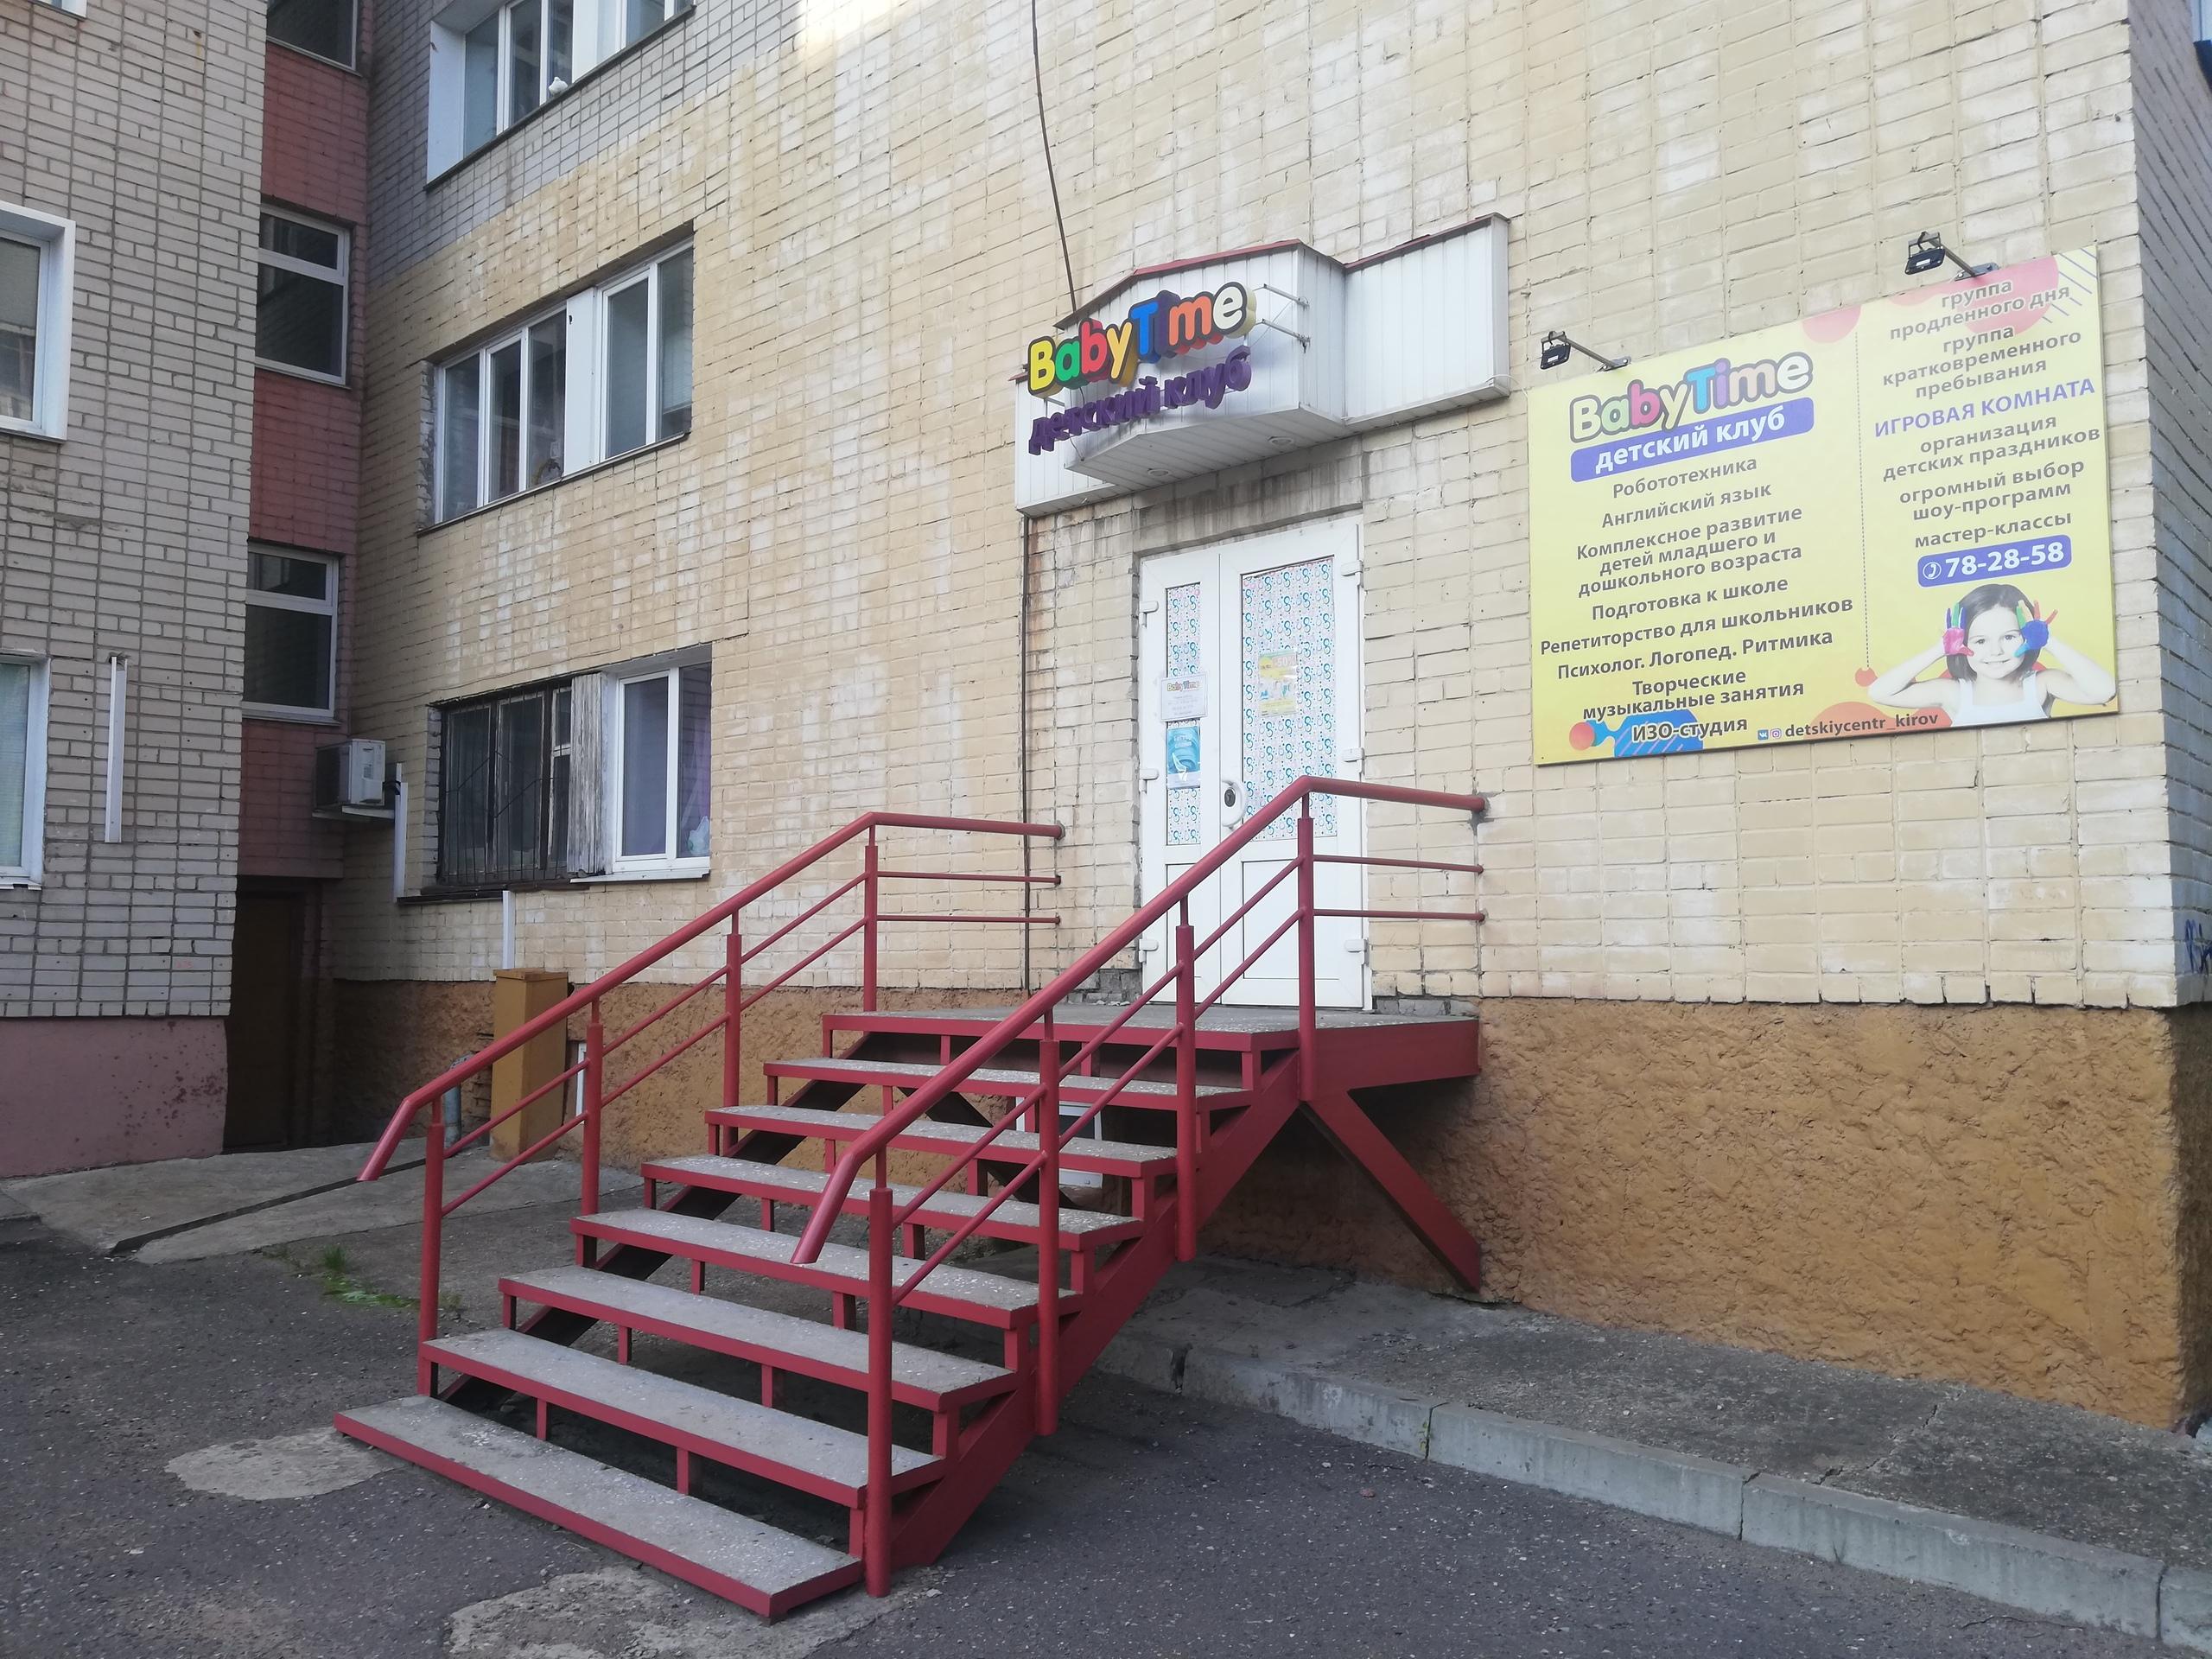 Детский центр Baby Time приглашает вас и ваших детей в гости